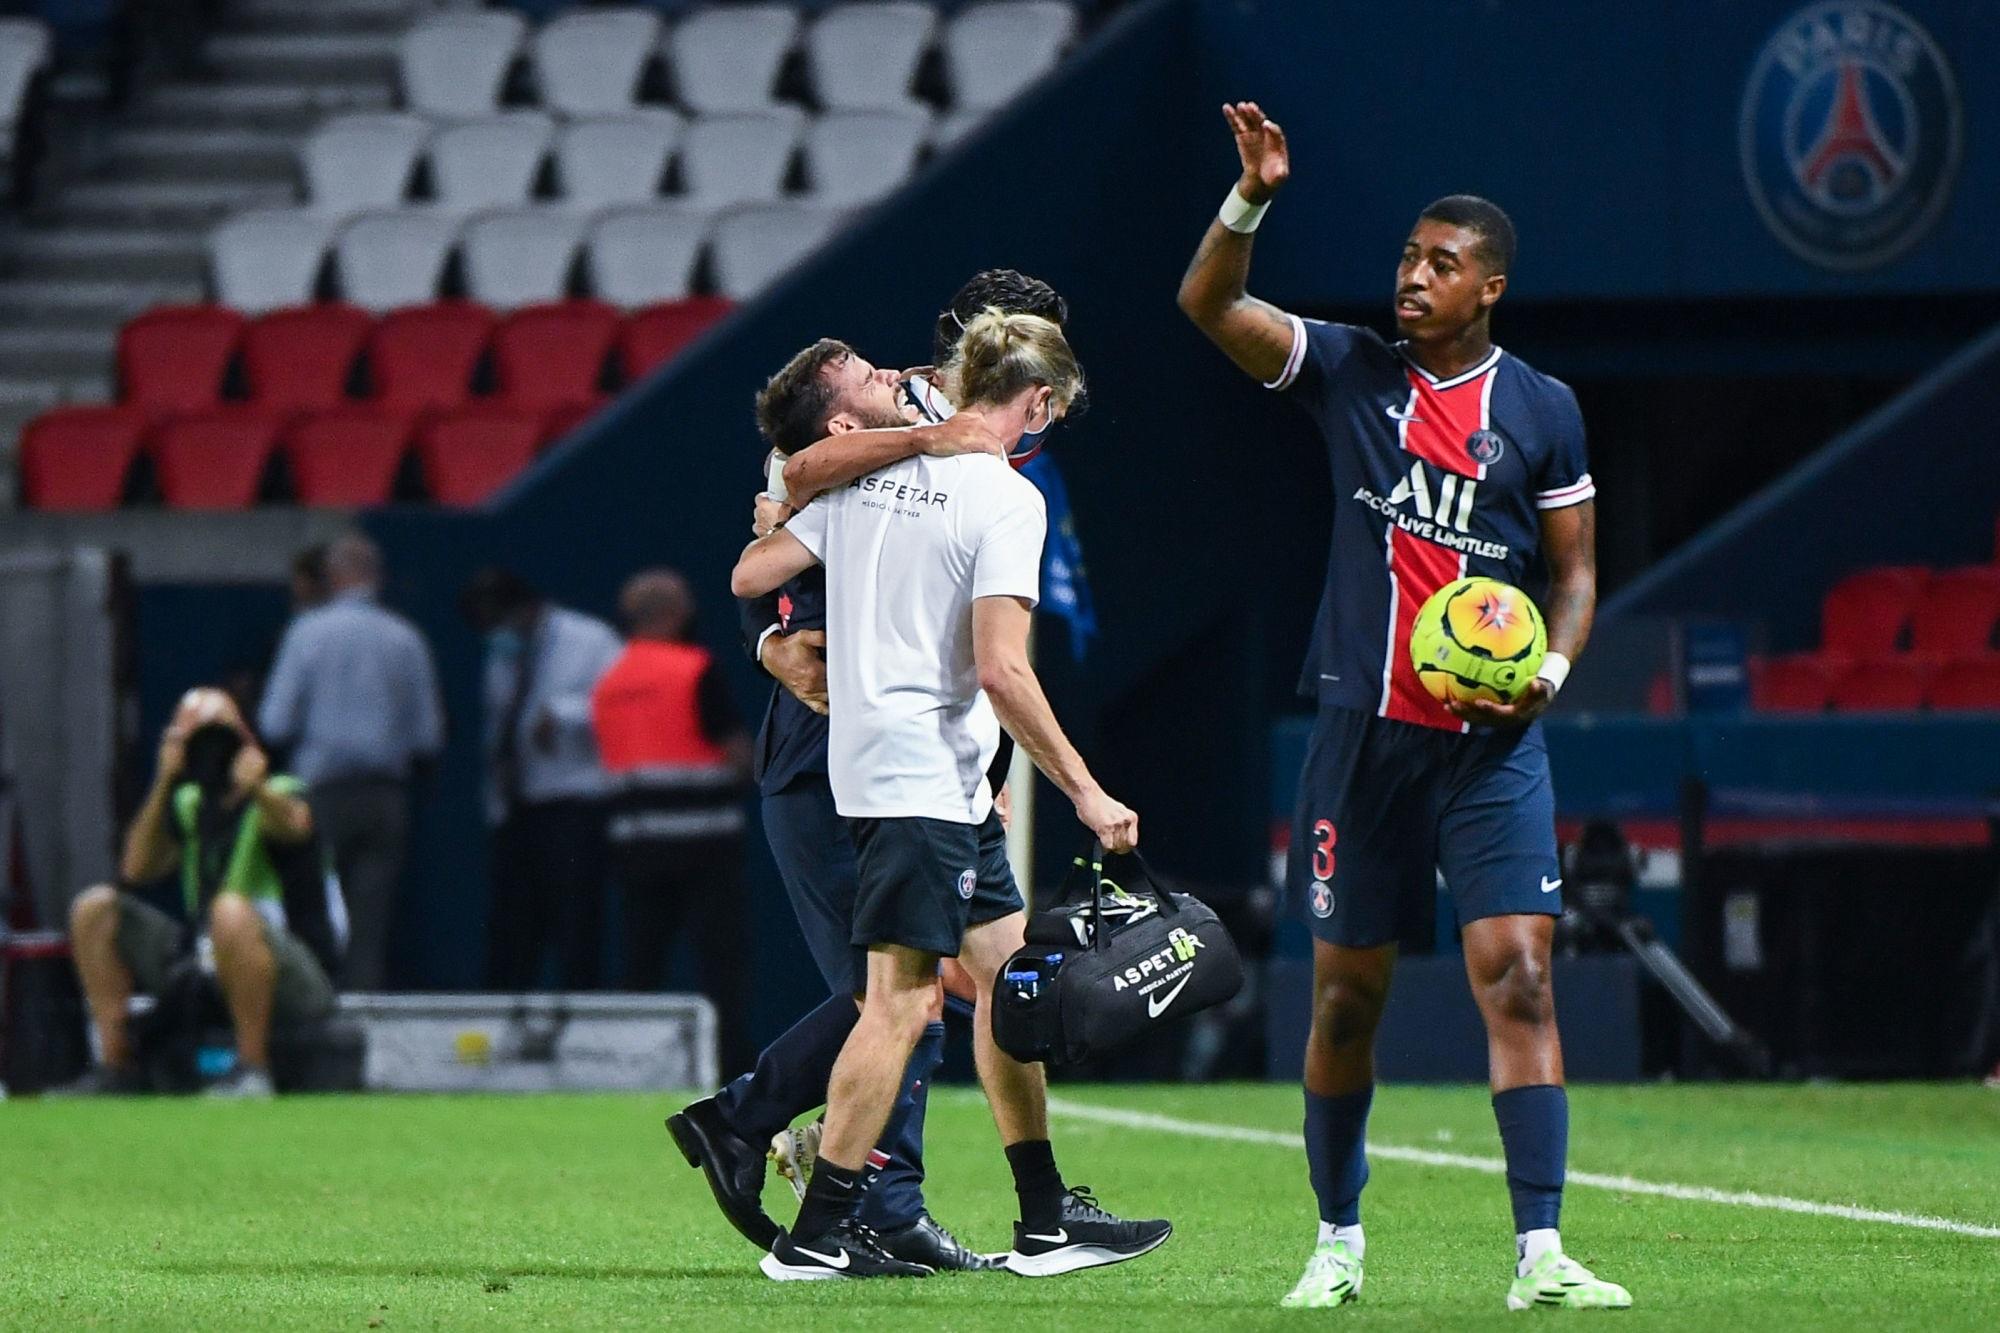 Le PSG ne compte pas recruter un latéral pour compenser la blessure de Bernat, selon Le Parisien